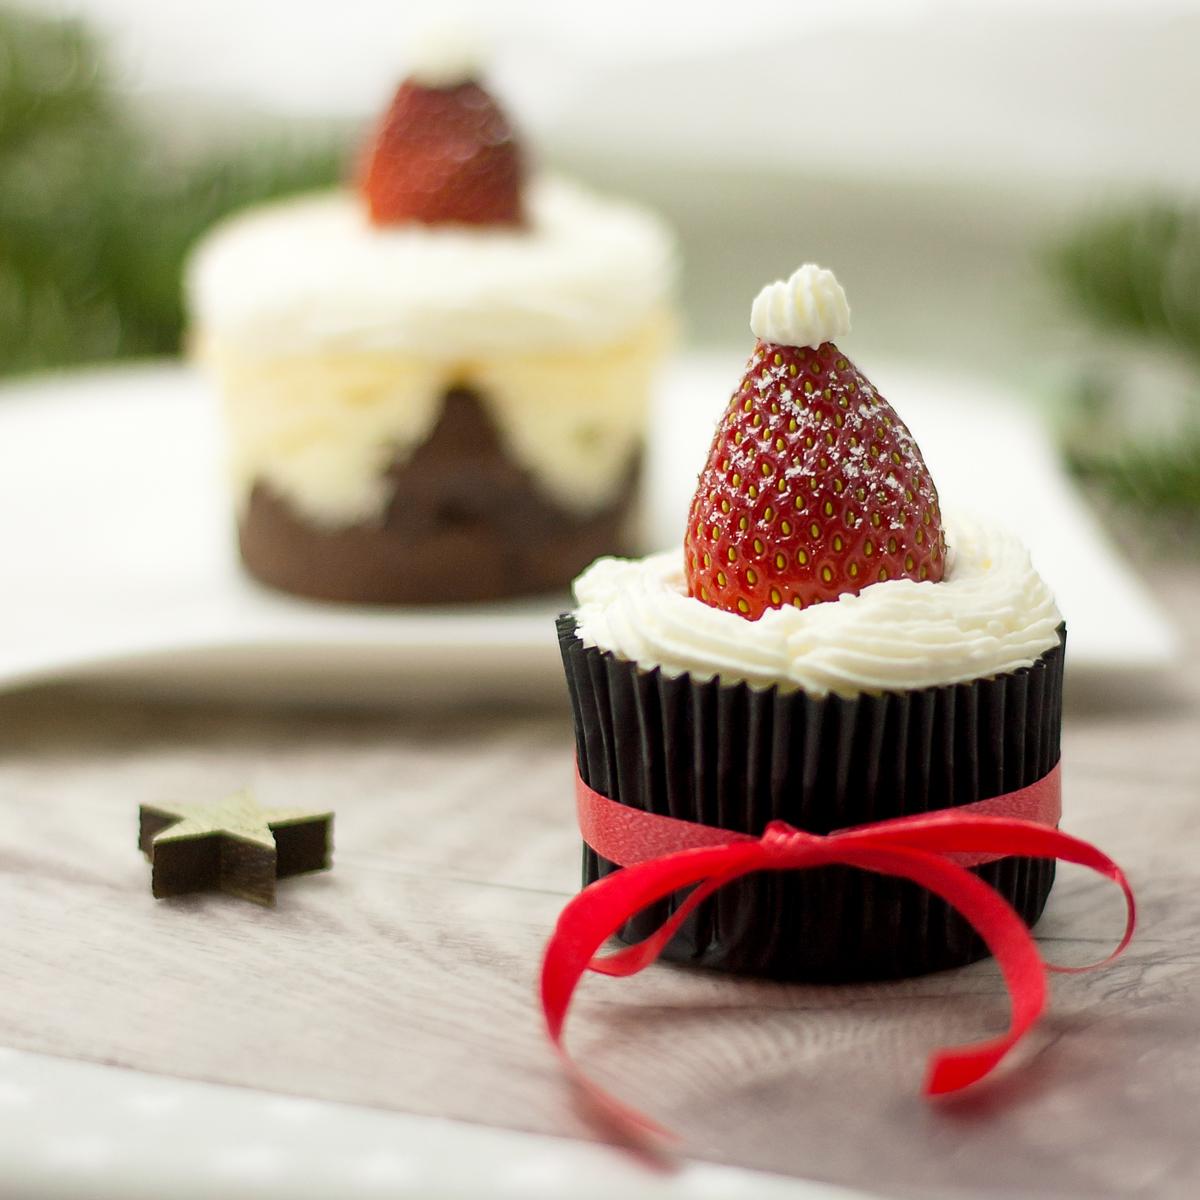 Die weihnachtlichen Käsekuchen-Brownies sind Low Carb und glutenfrei. Sie sind ein echter Hingucker zu Weihnachten.